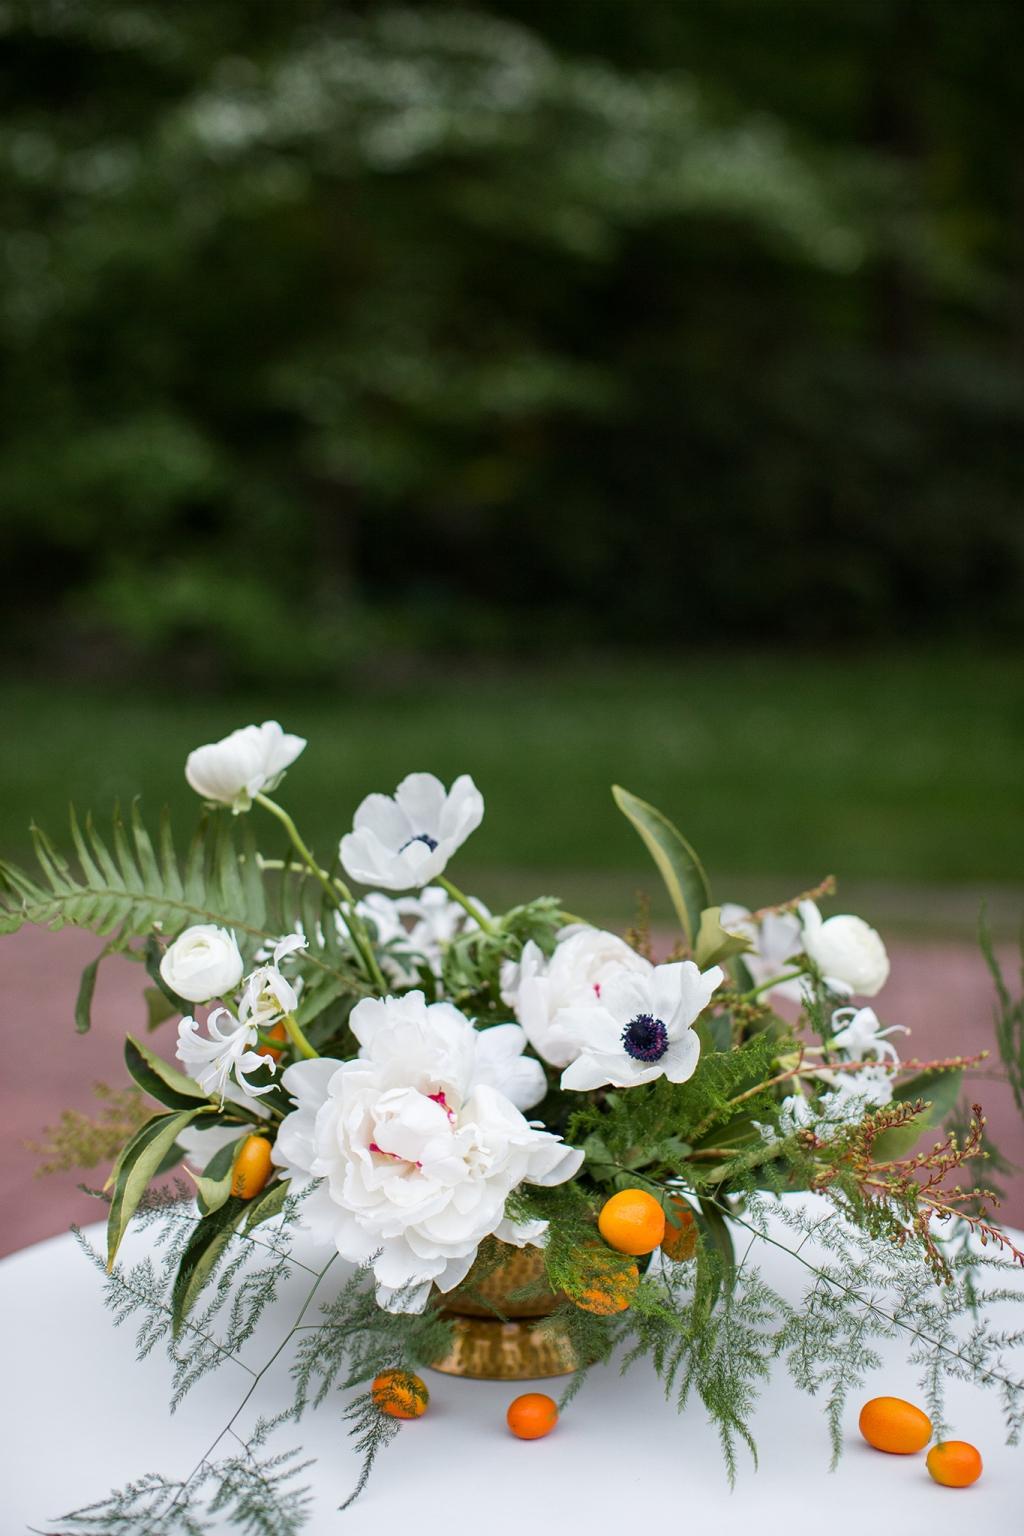 arieldearieflowers